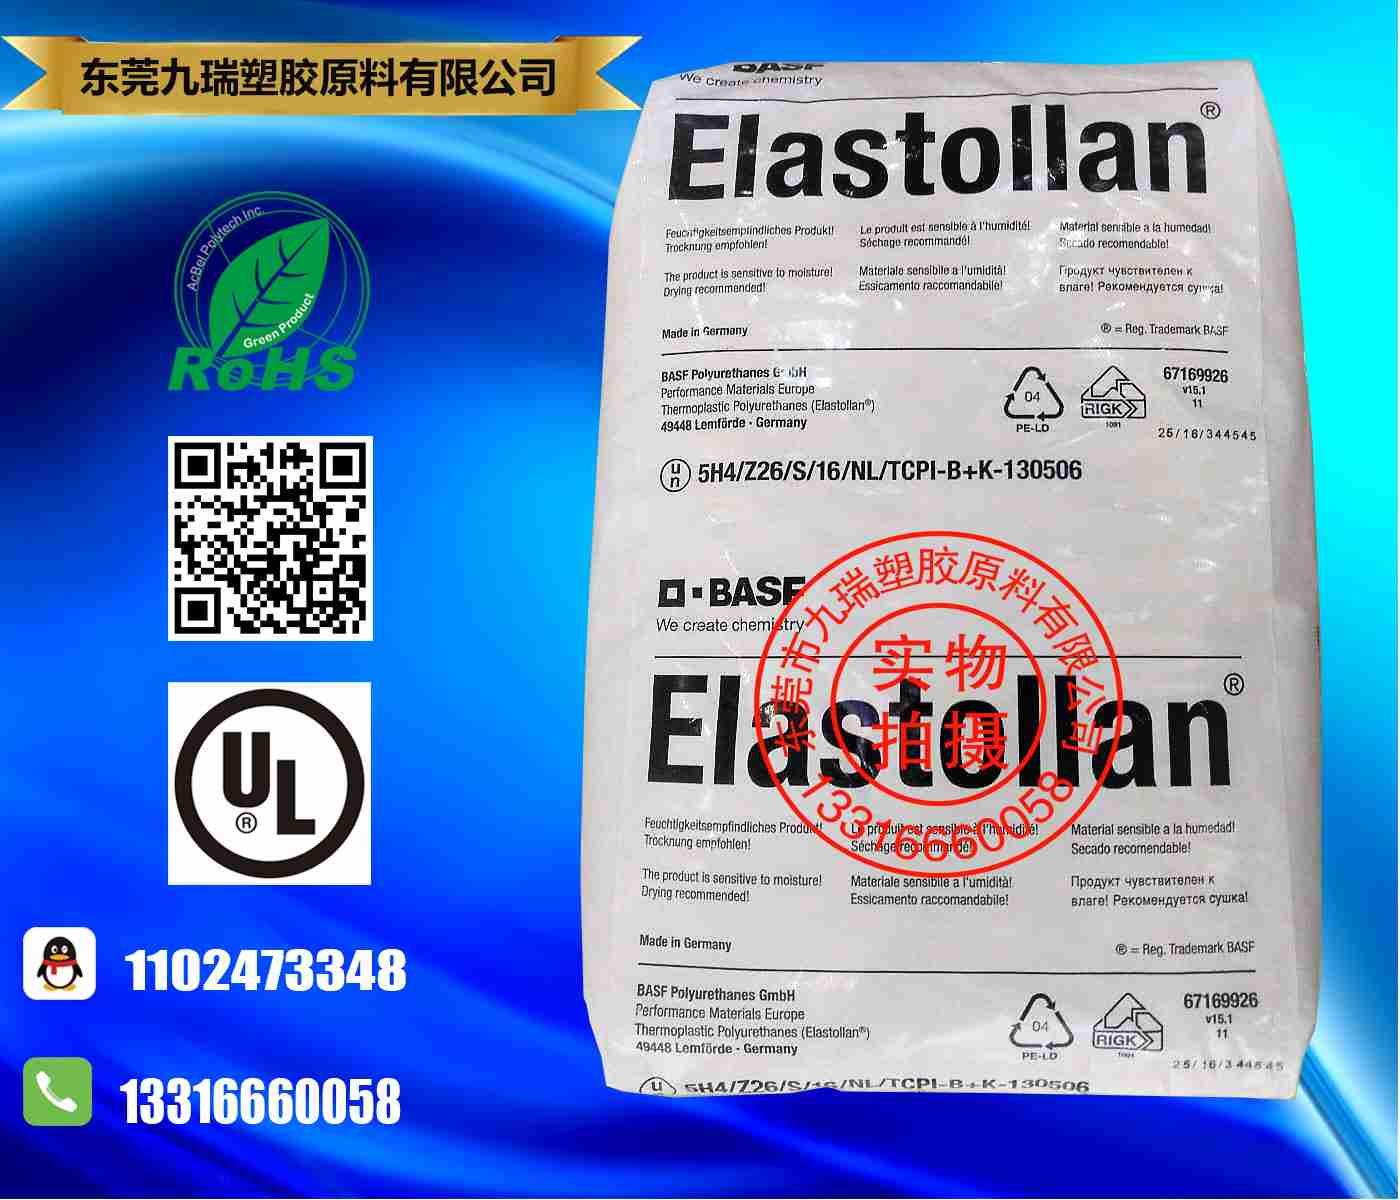 巴斯夫7mm高透明度薄膜级TPU L795A10脂肪族聚氨酯